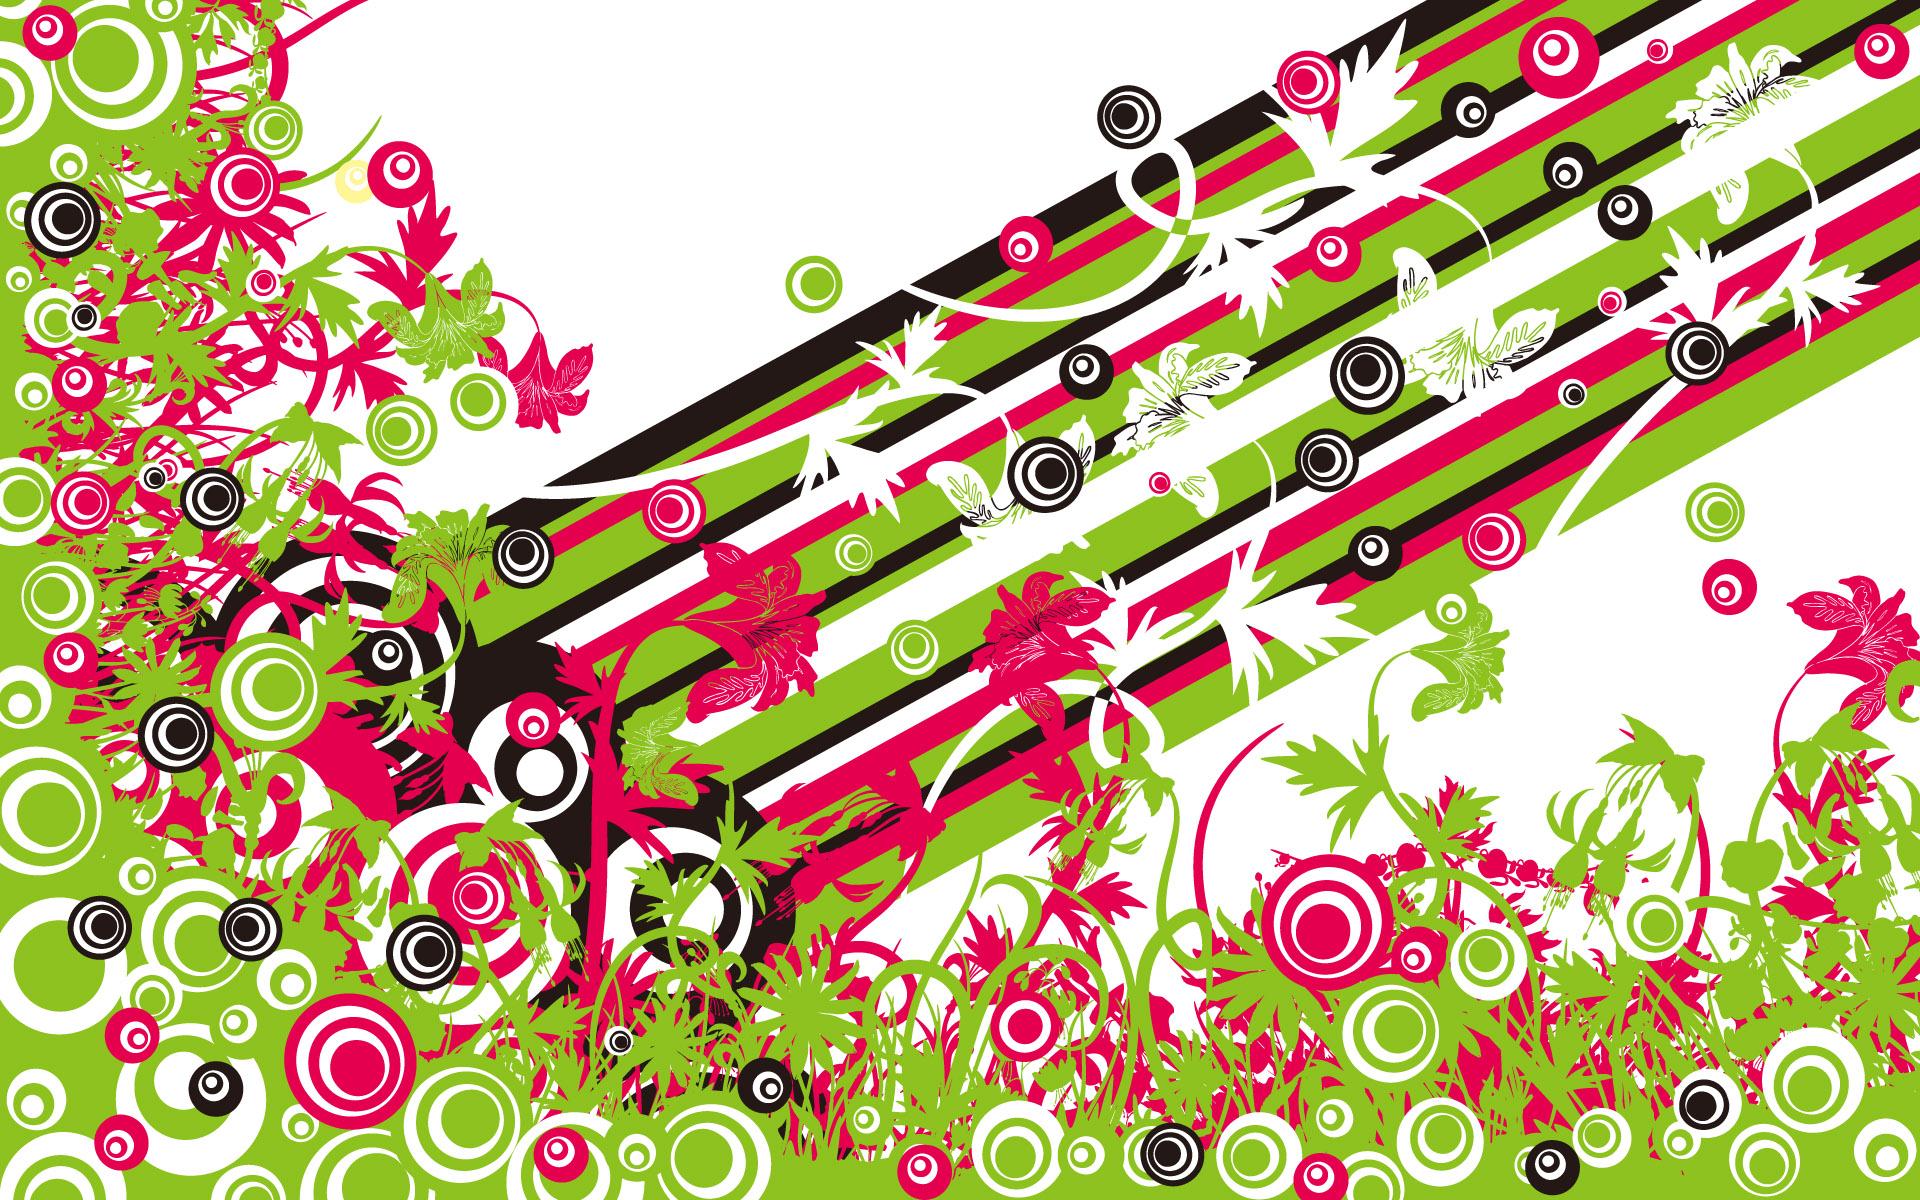 Рисованные обои - Векторные обои - Векторные Цветы и бабочки.